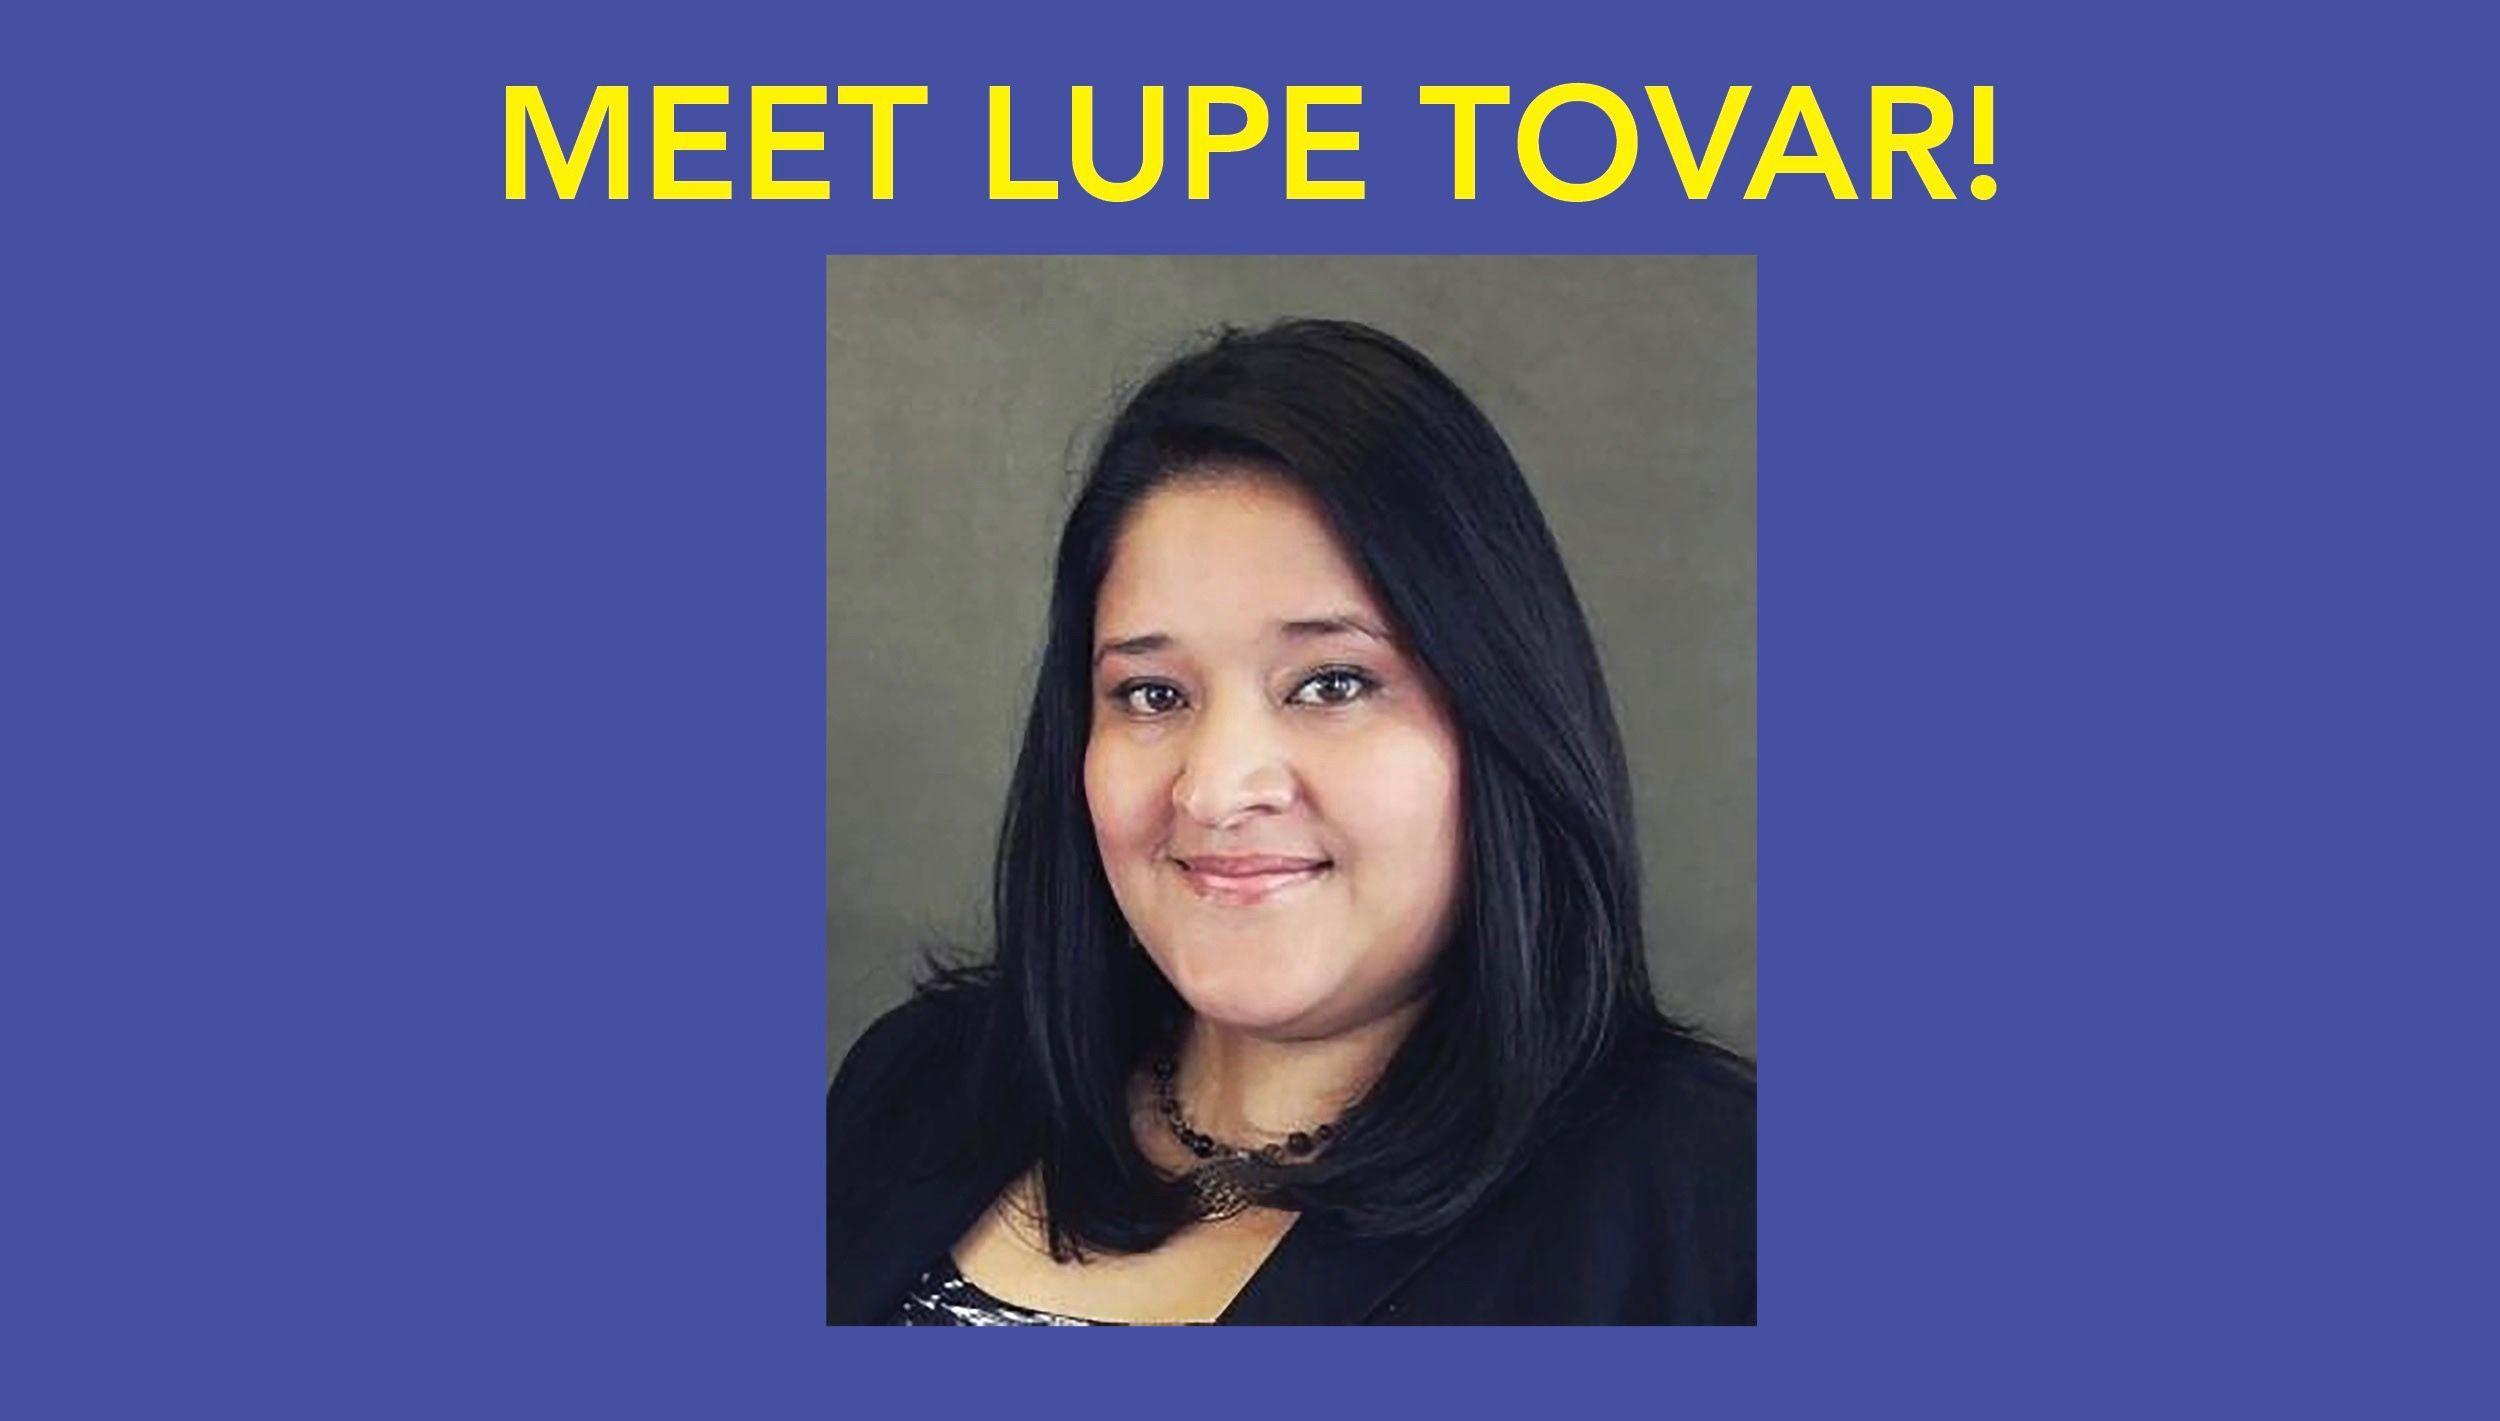 Meet Lupe Tovar